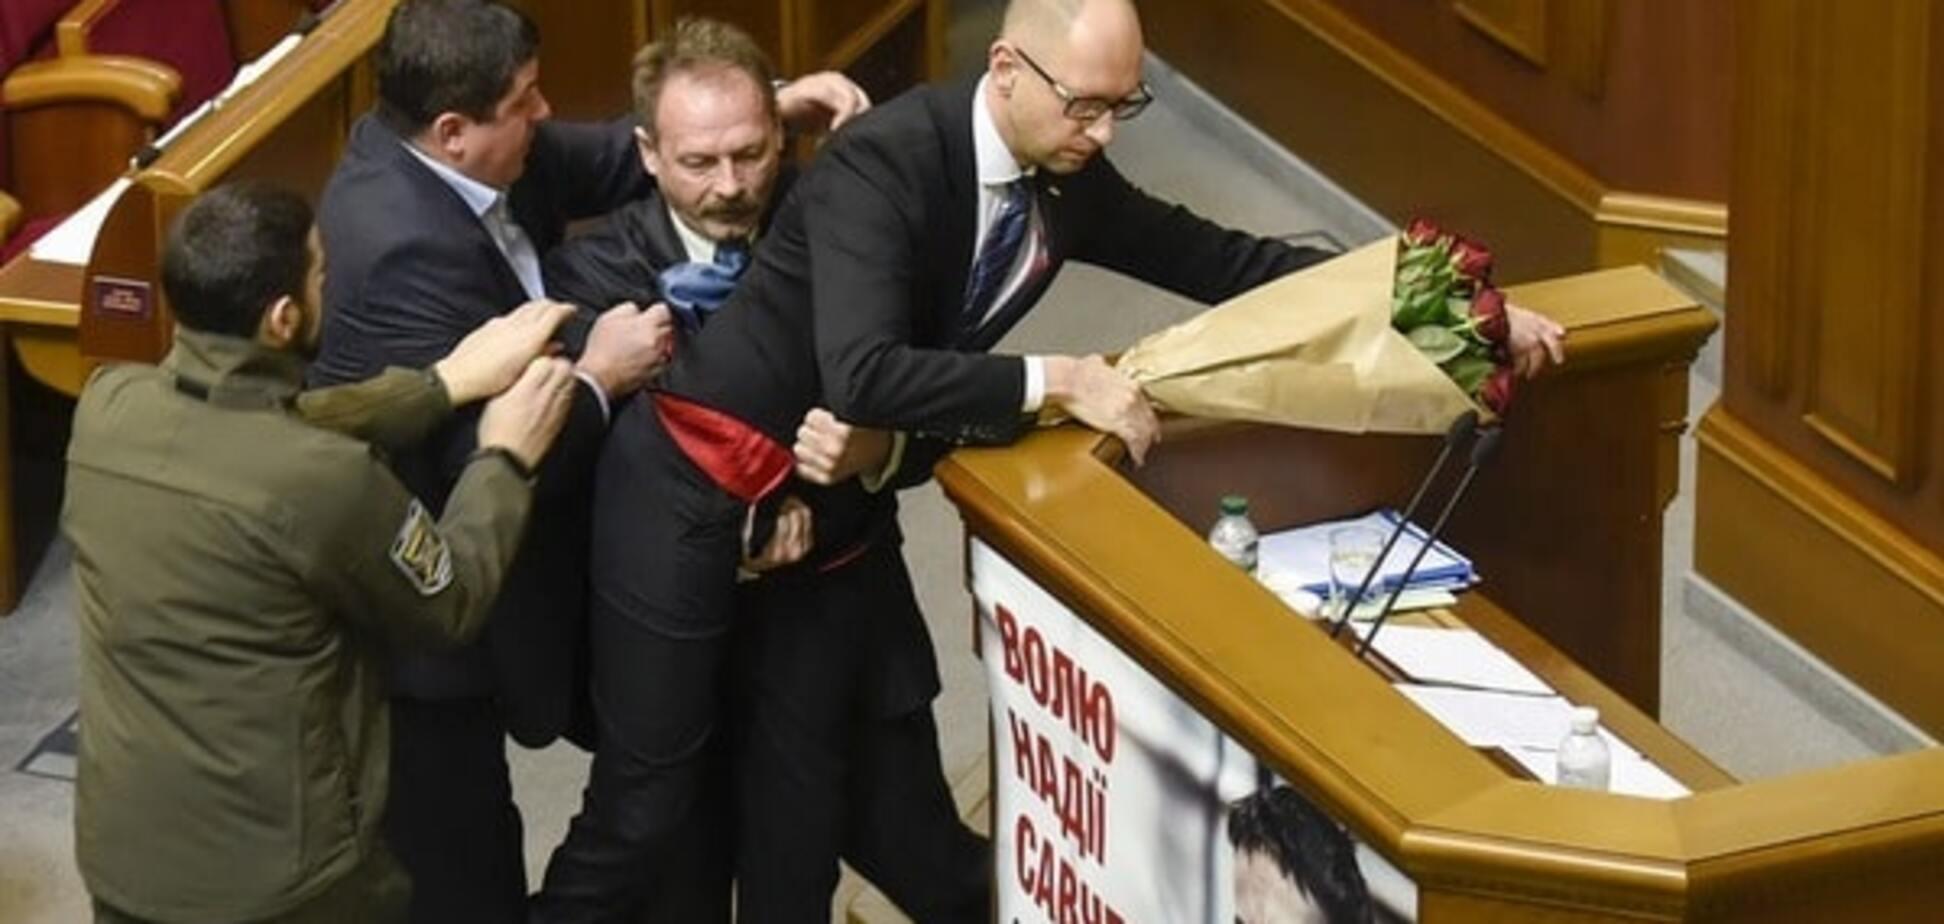 Яценюк и Шокин должны уйти: эксперт назвал лучший сценарий для Украины